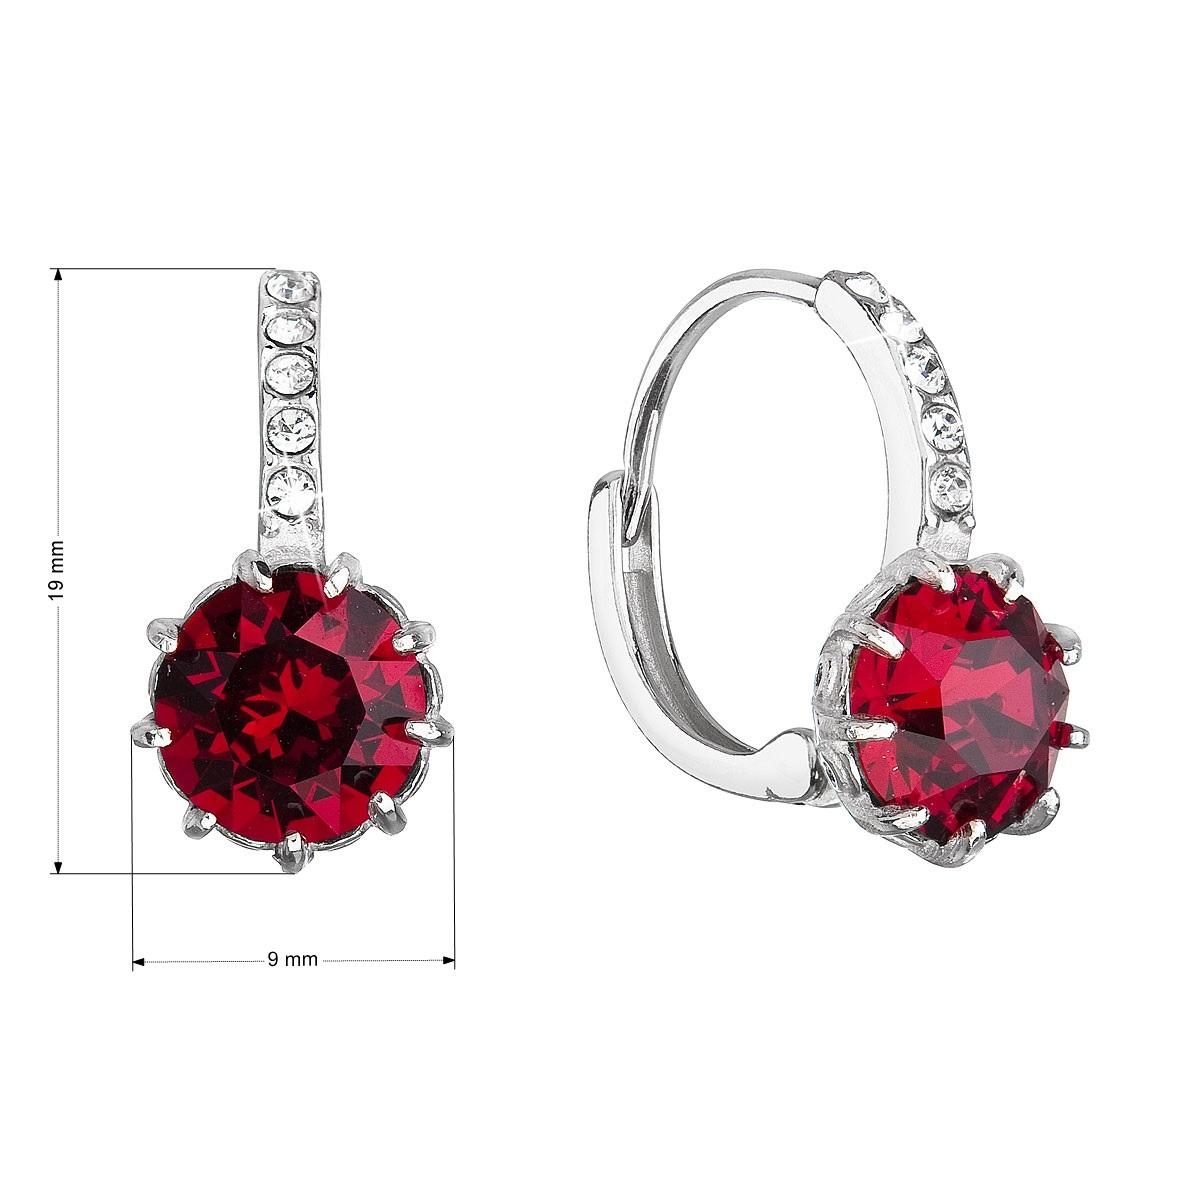 Evolution Group Stříbrné náušnice visací se Swarovski krystalem kulaté červené 31302.3